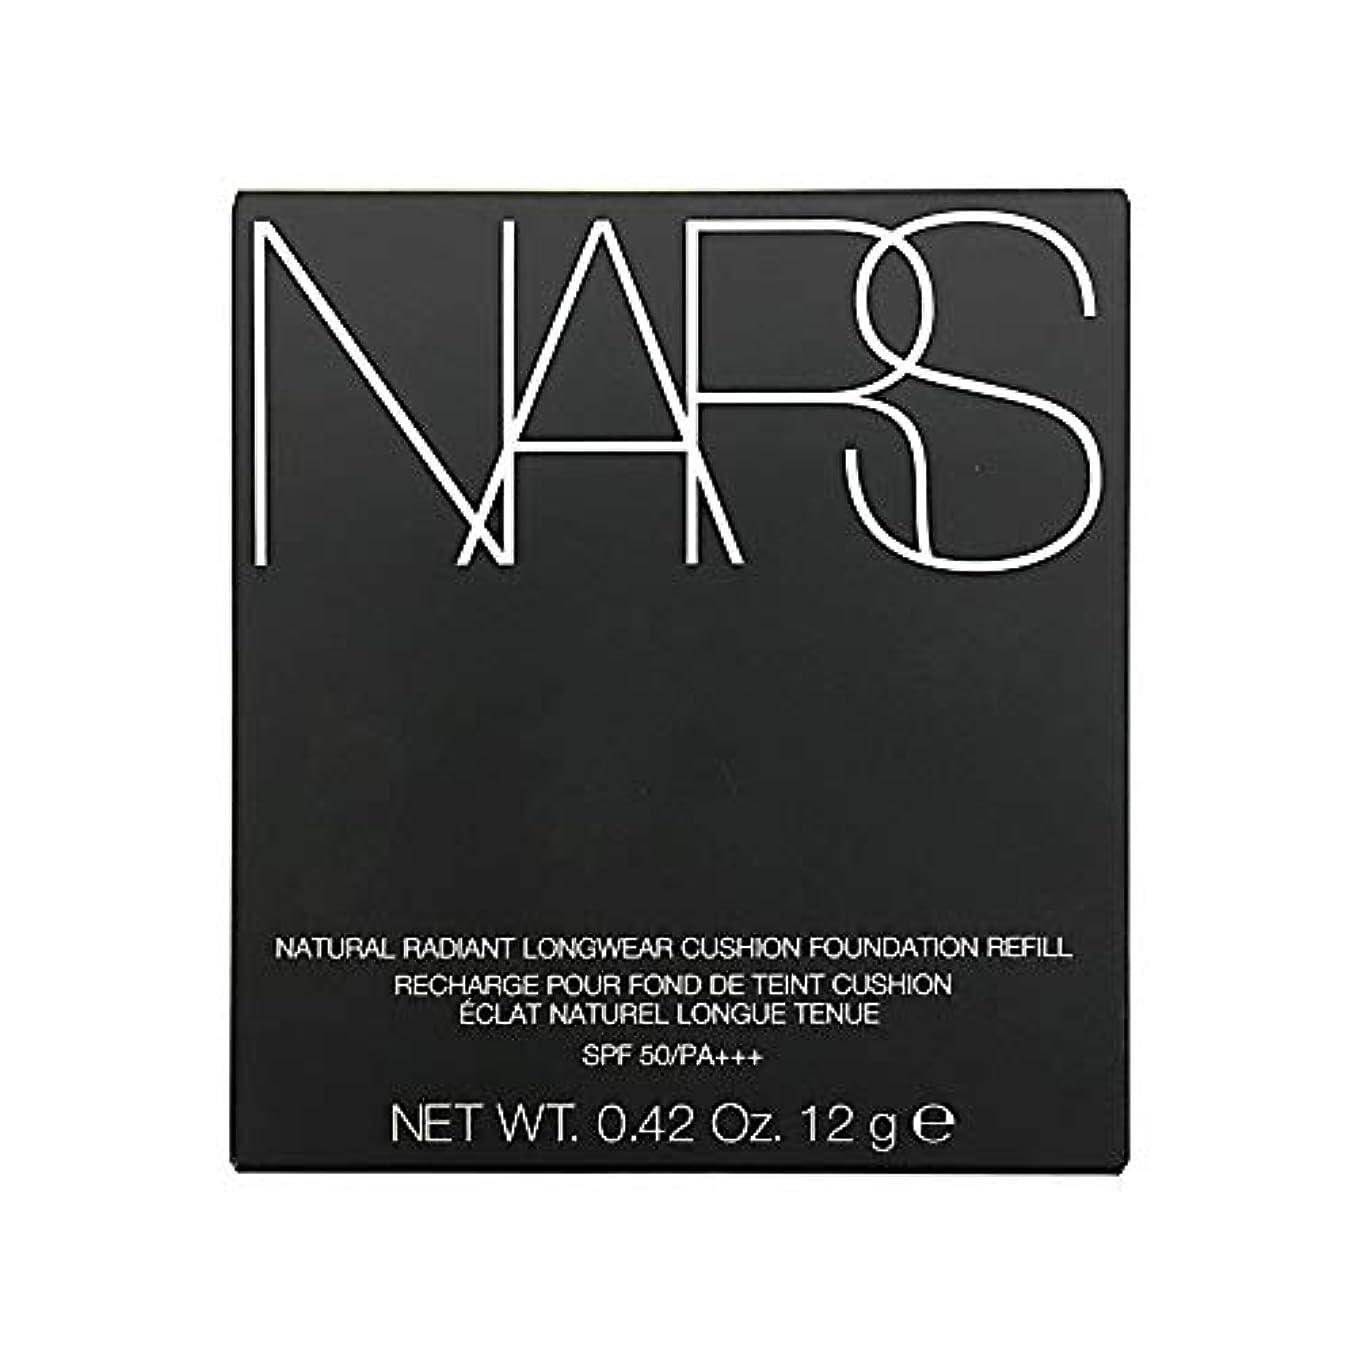 ログつまらないナビゲーションナーズ/NARS ナチュラルラディアント ロングウェア クッションファンデーション(レフィル)#5879 [ クッションファンデ ] [並行輸入品]